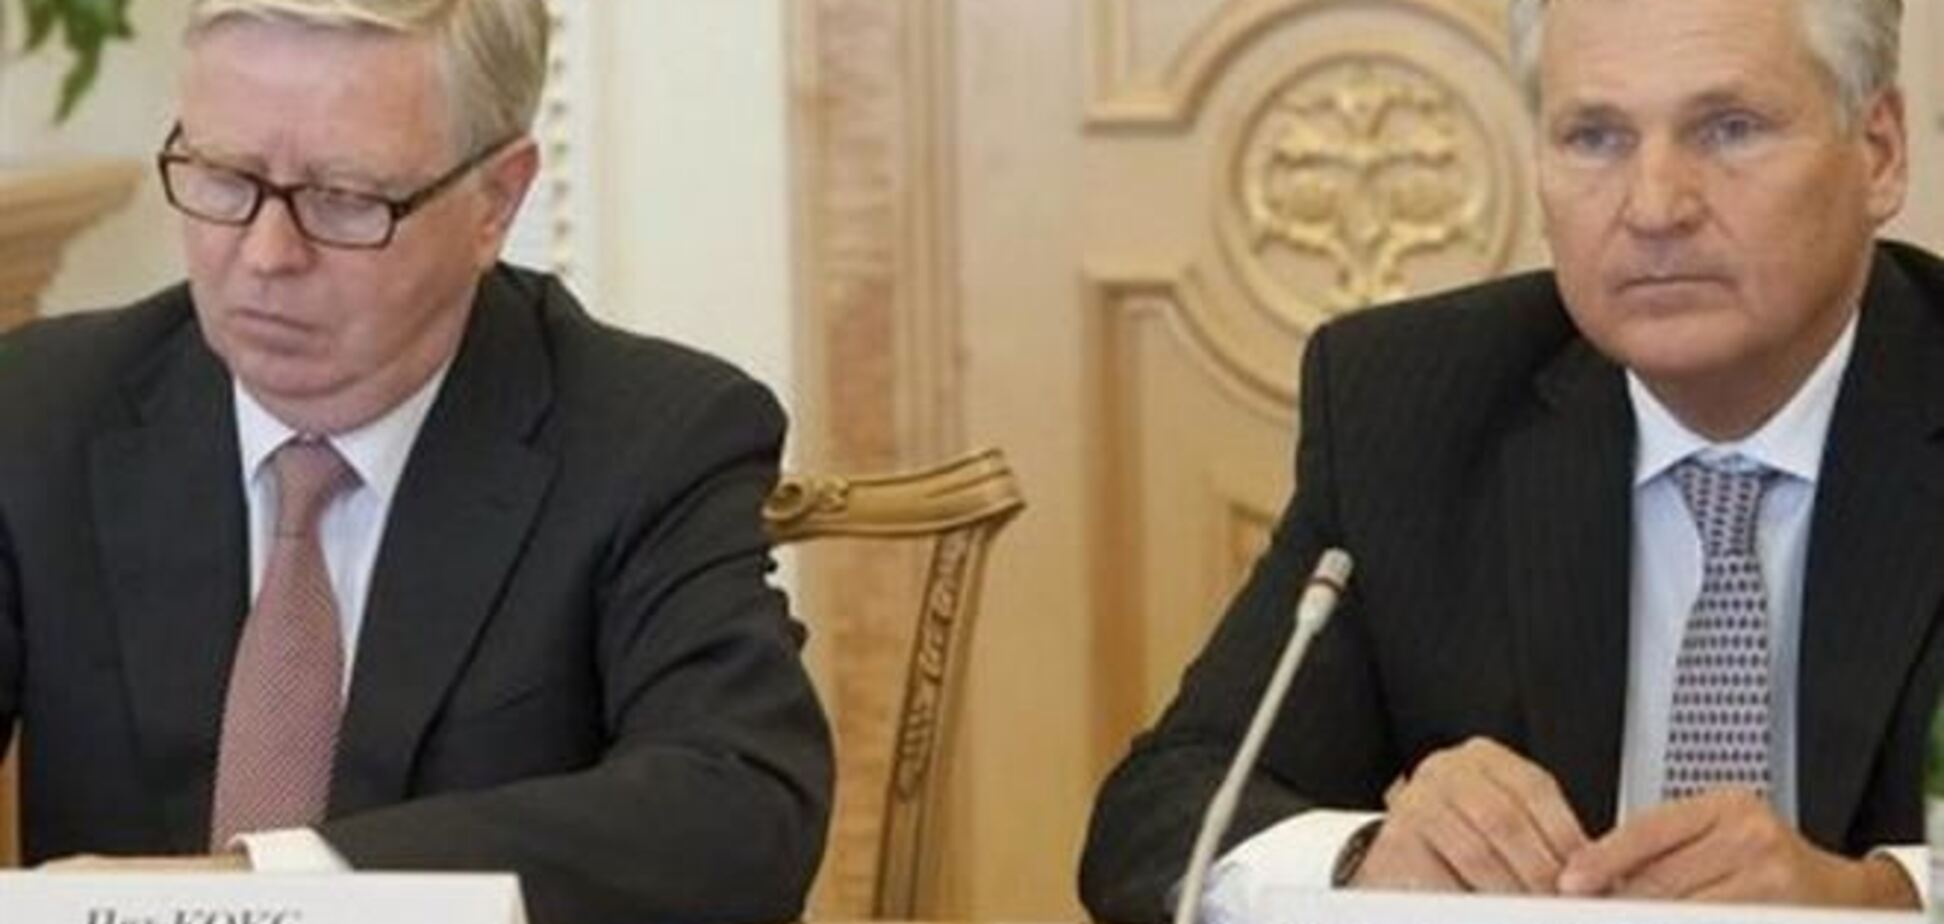 Кокс и Квасьневский перенесли свой визит к Тимошенко